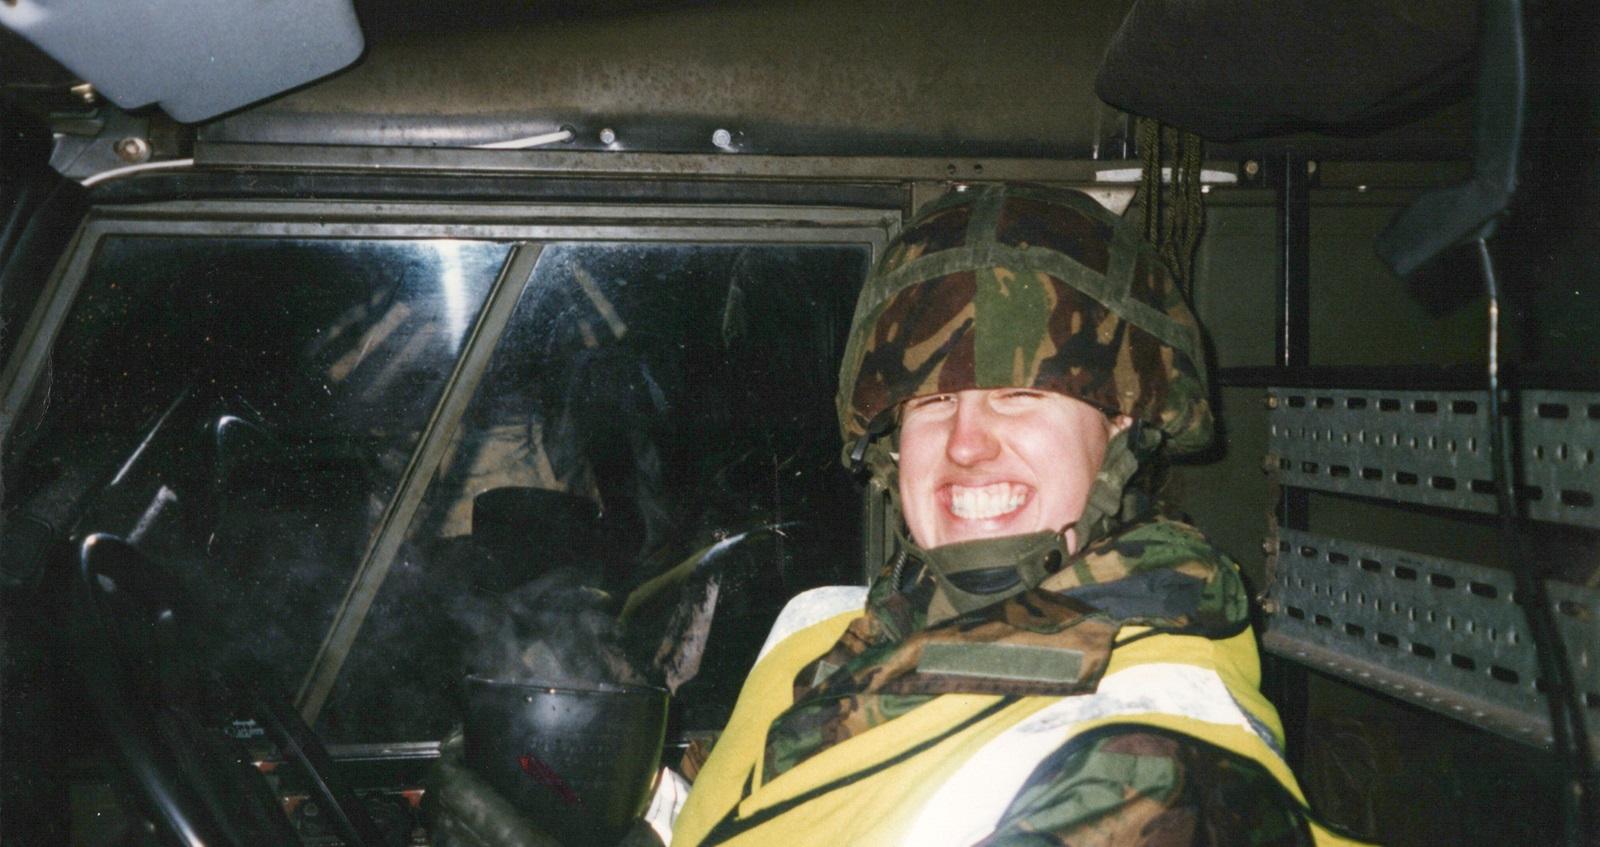 Kate Green smiling wearing camo uniform